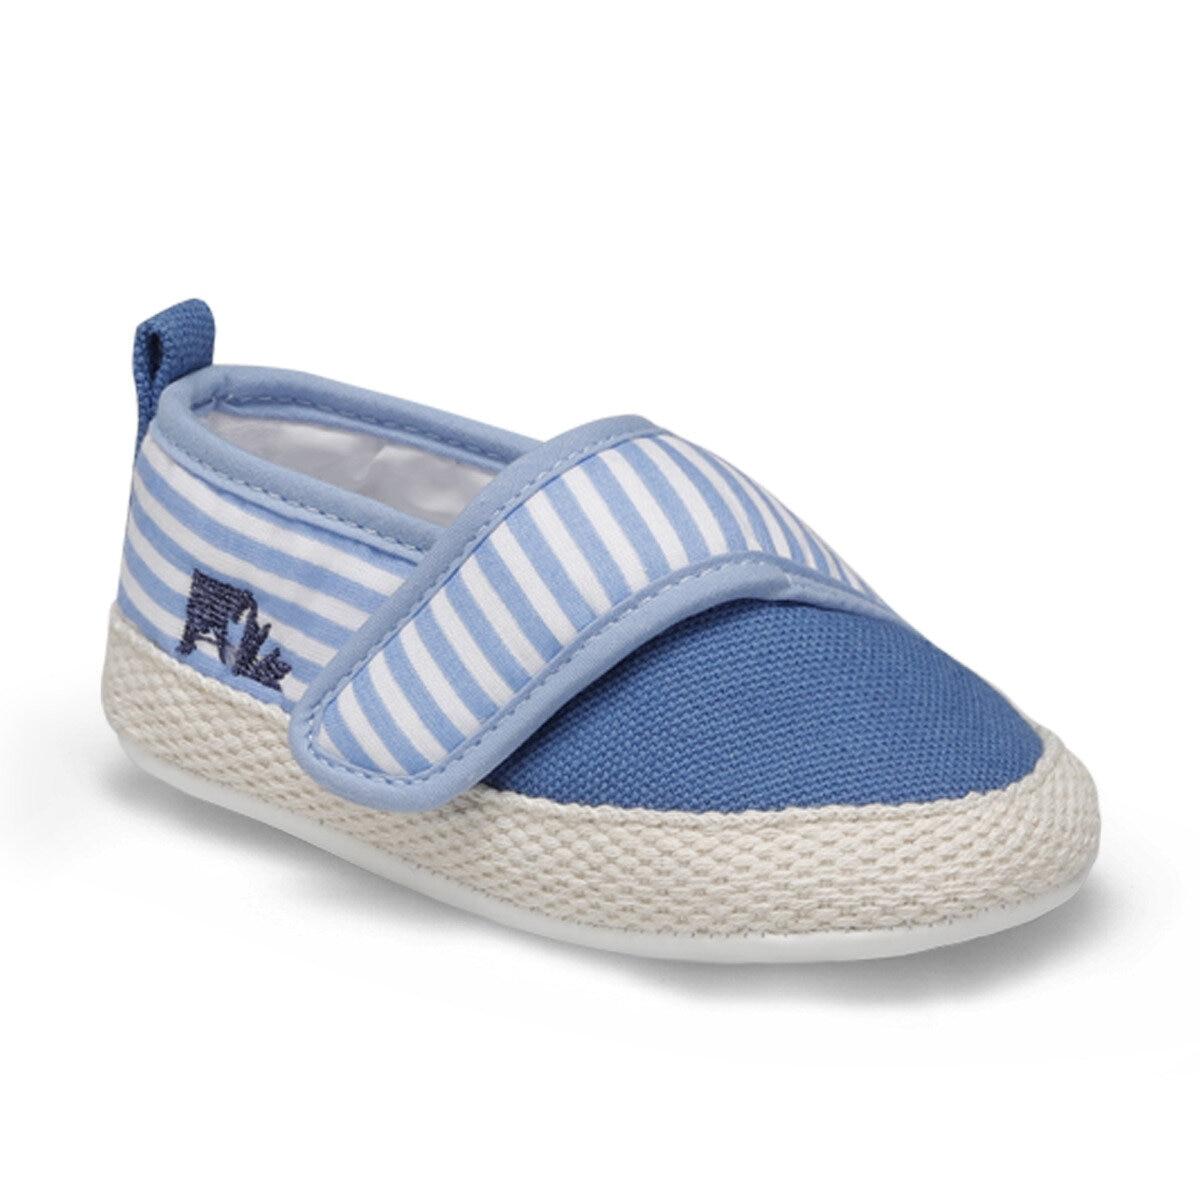 FLO MONEY Blue Male Child Sneaker Shoes LUMBERJACK